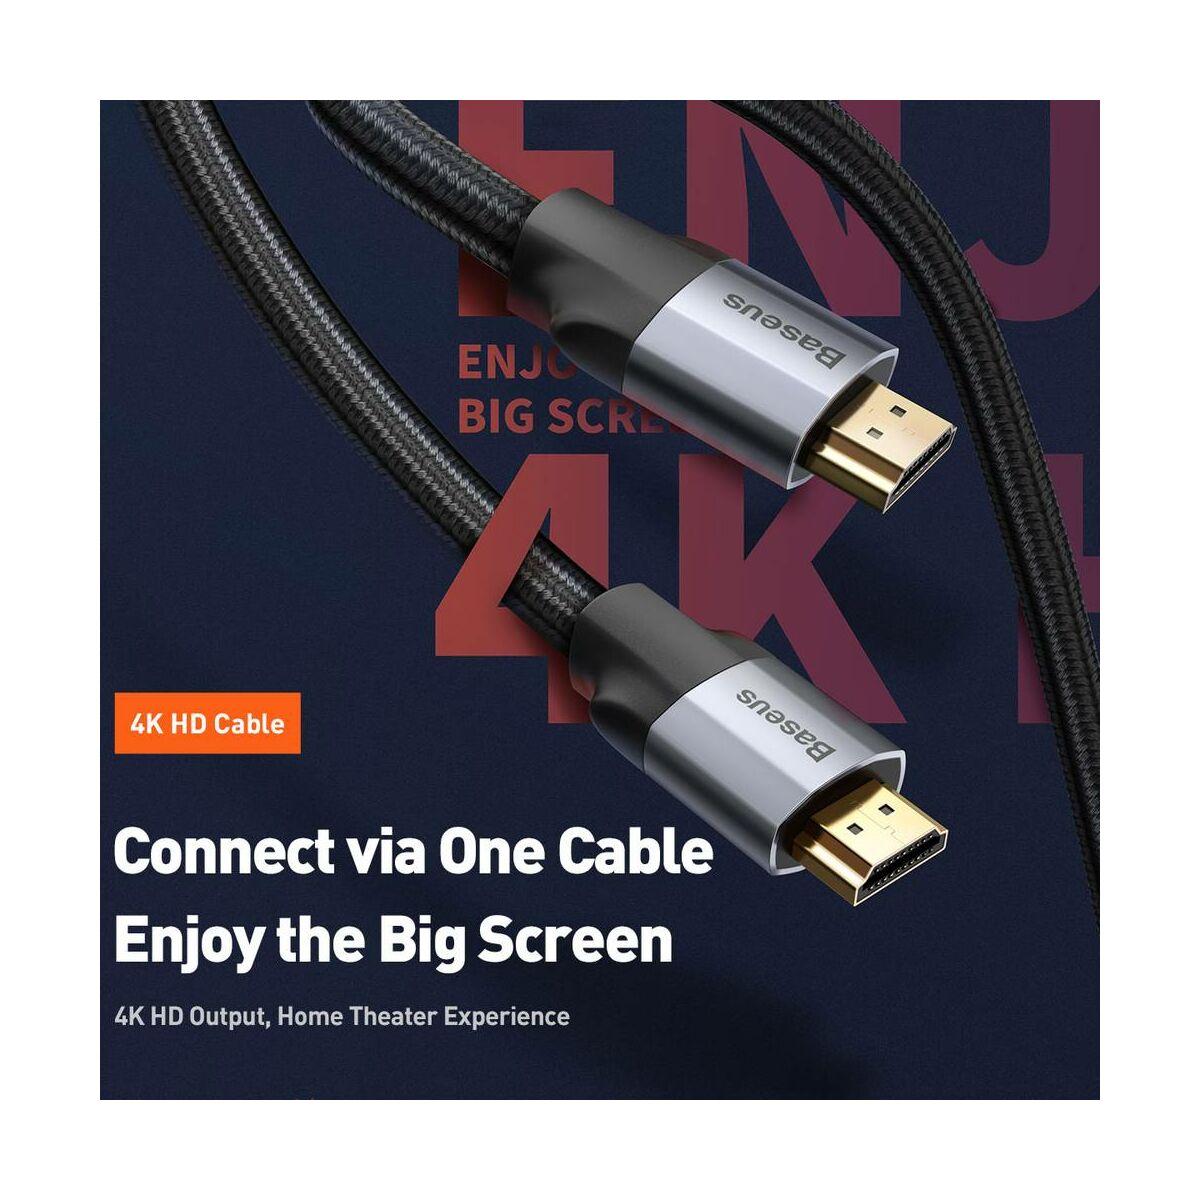 Baseus Video kábel Enjoyment Series 4KHD [apa] - 4KHD [apa] 2m, szürke (CAKSX-C0G)